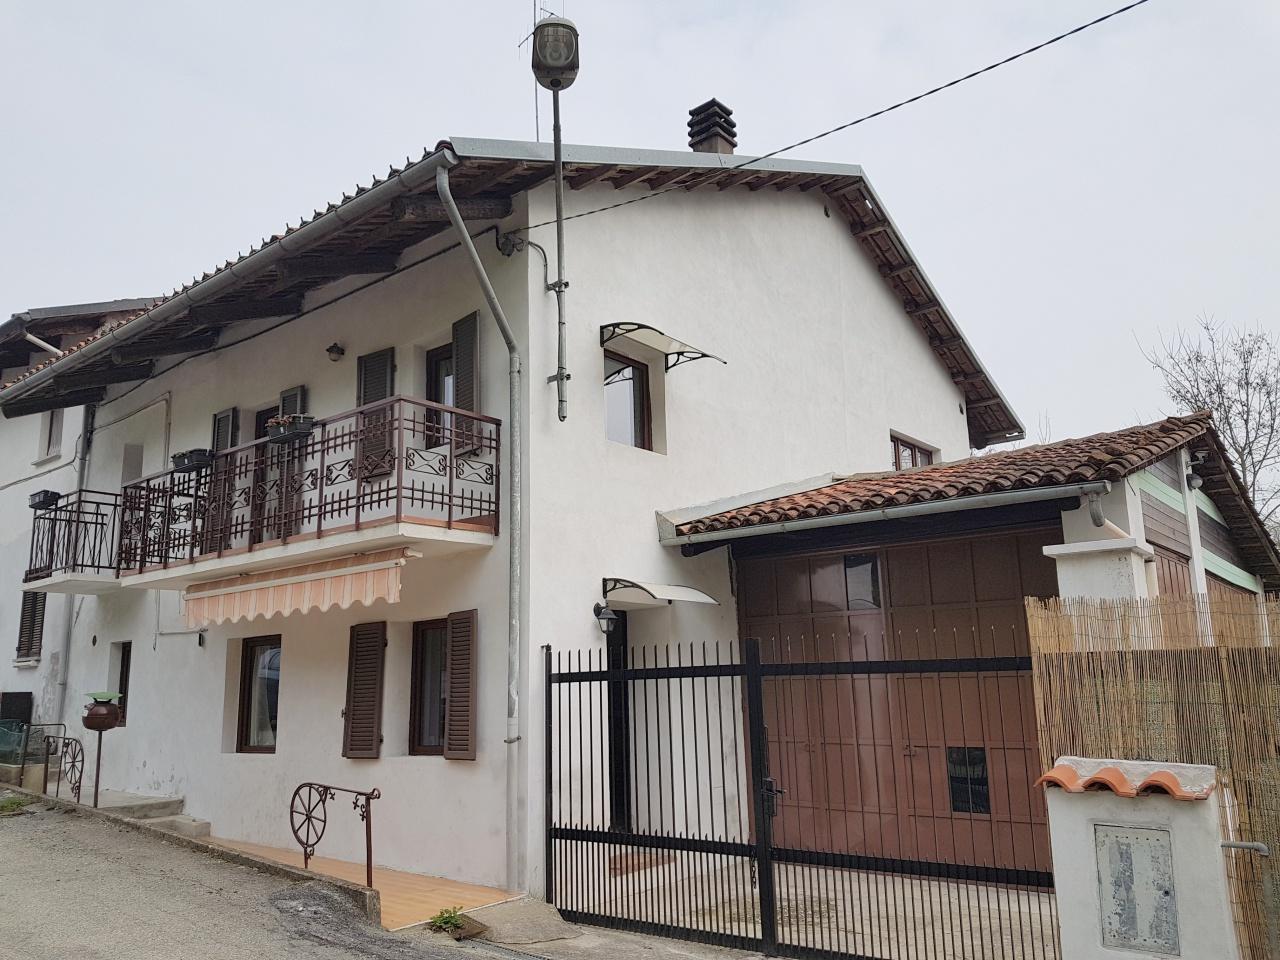 Soluzione Indipendente in vendita a Verrua Savoia, 6 locali, prezzo € 99.000 | PortaleAgenzieImmobiliari.it